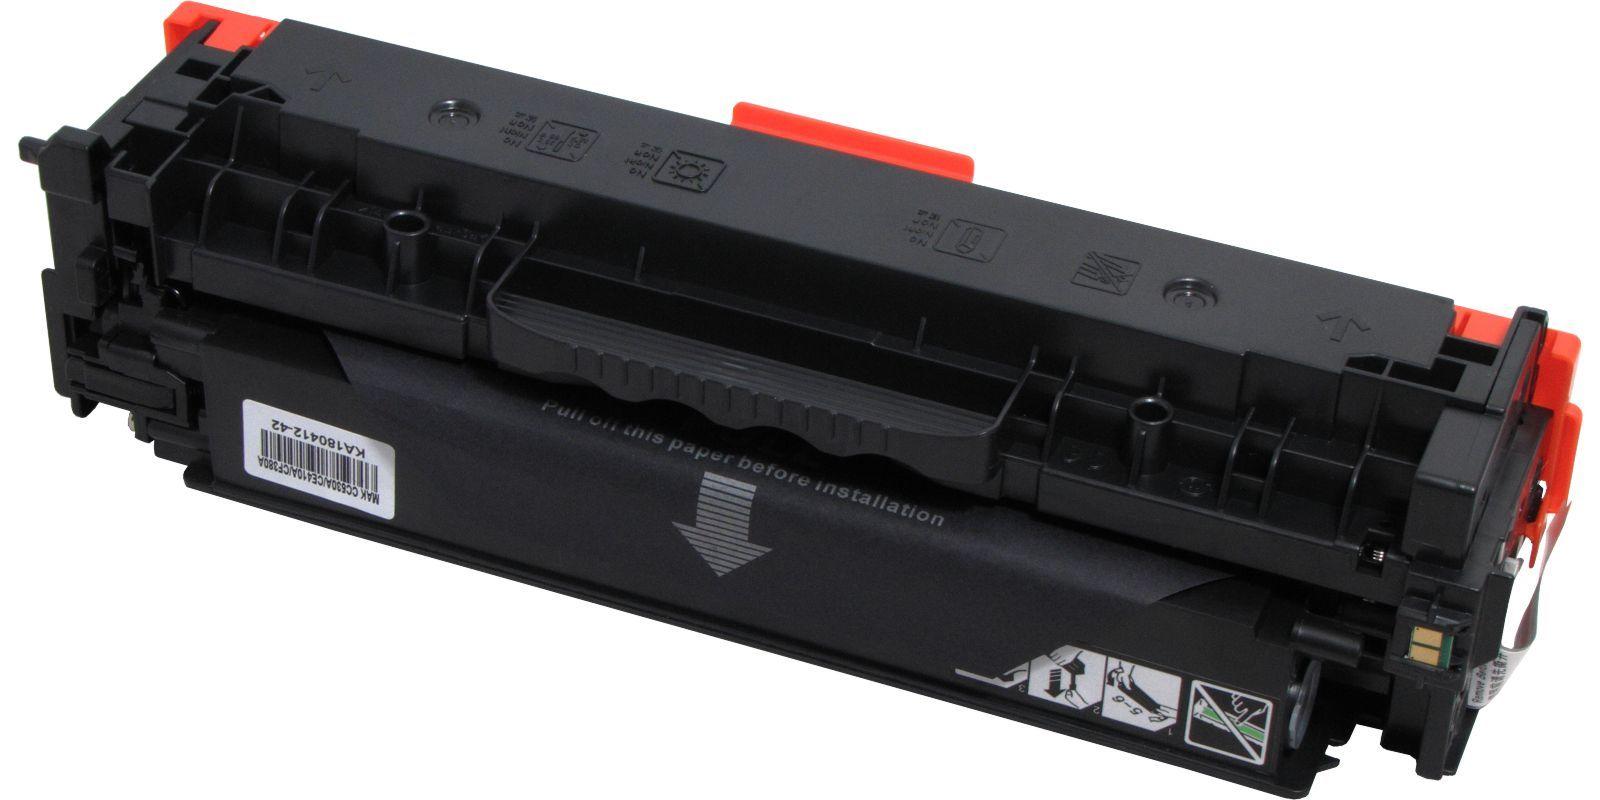 Картридж лазерный цветной MAK© 304A/305A/312A CC530A/CE410A/CF380A черный (black), до 3500 стр.